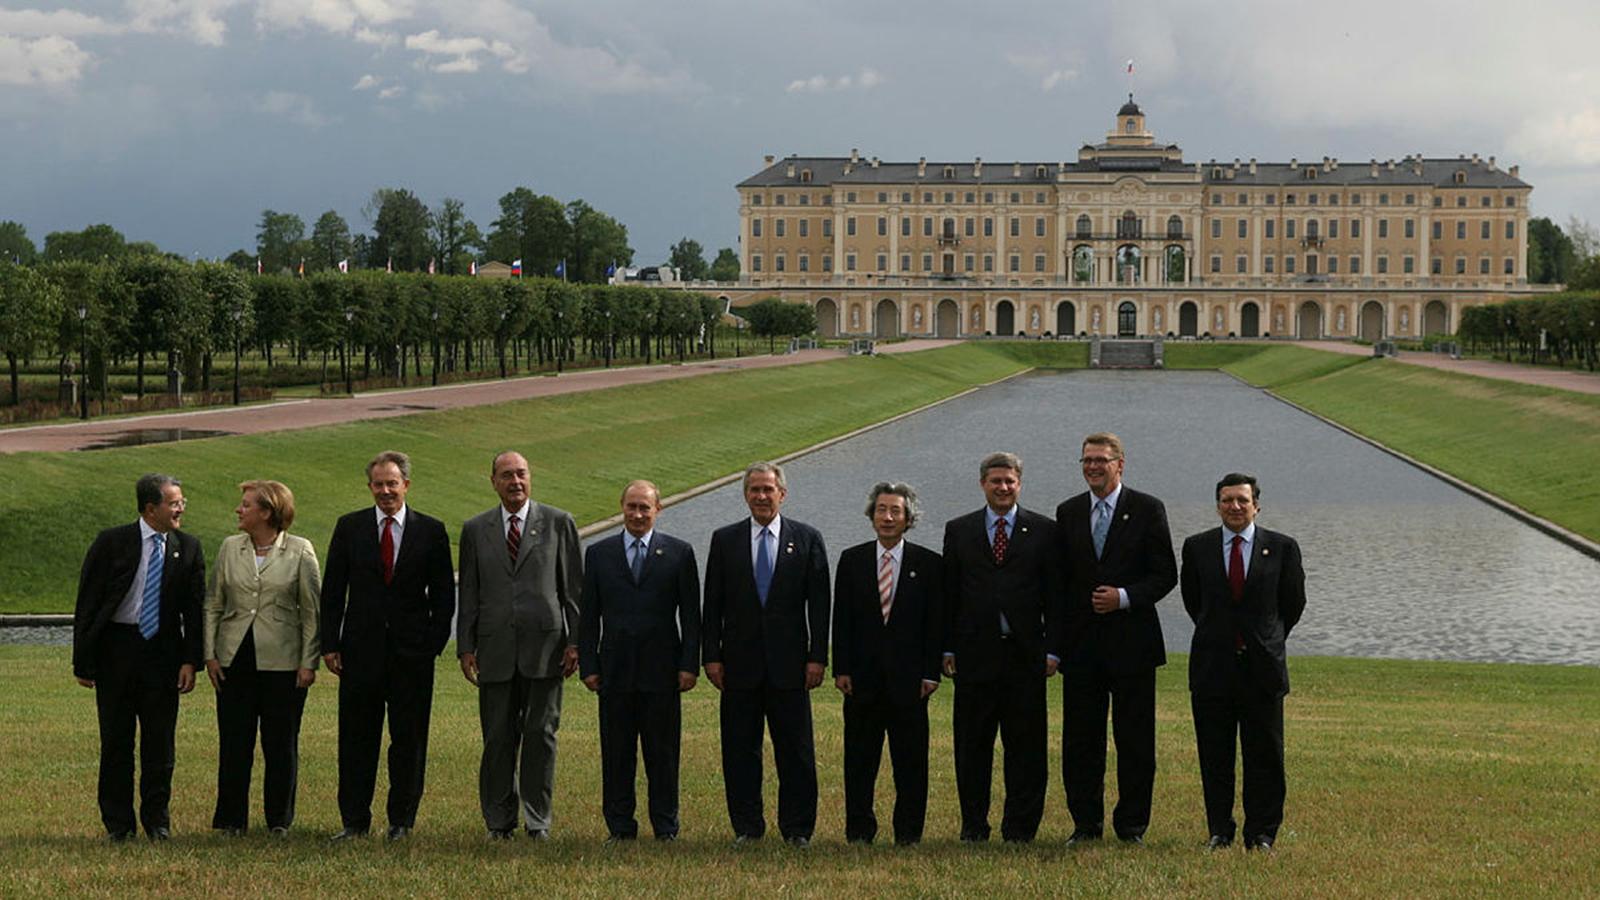 2006 год. 32-й саммит G8 в Санкт-Петербурге